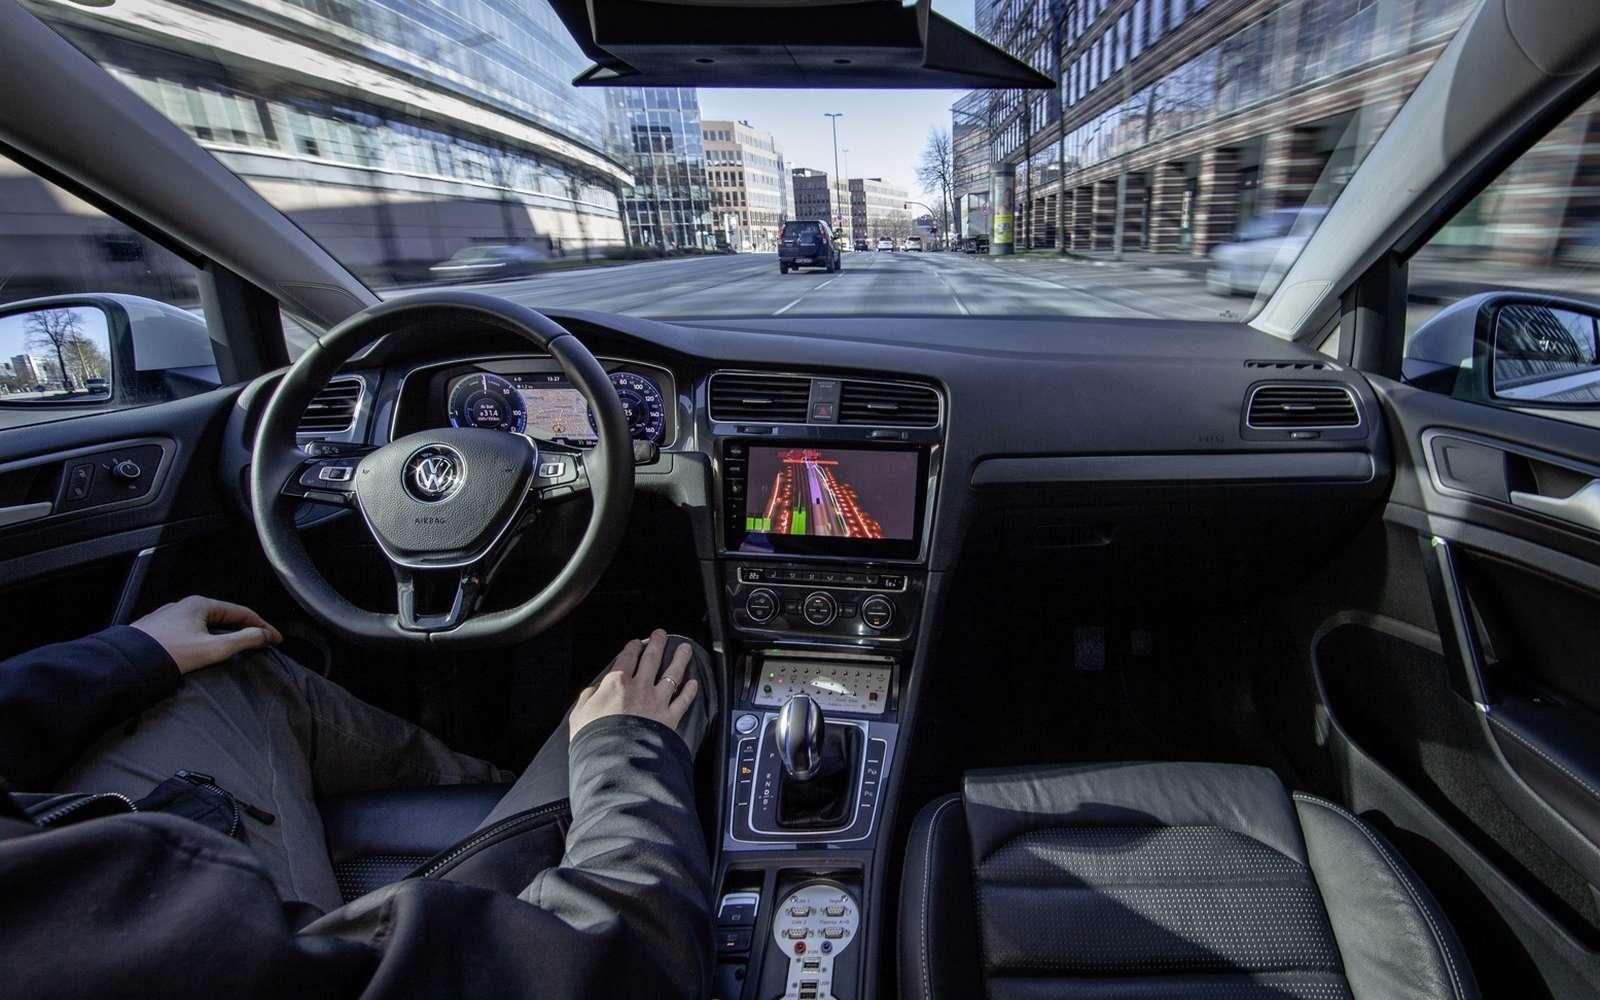 Un système de conduite autonome de niveau 4 est capable de circuler sans présence humaine à bord du véhicule. © Volkswagen